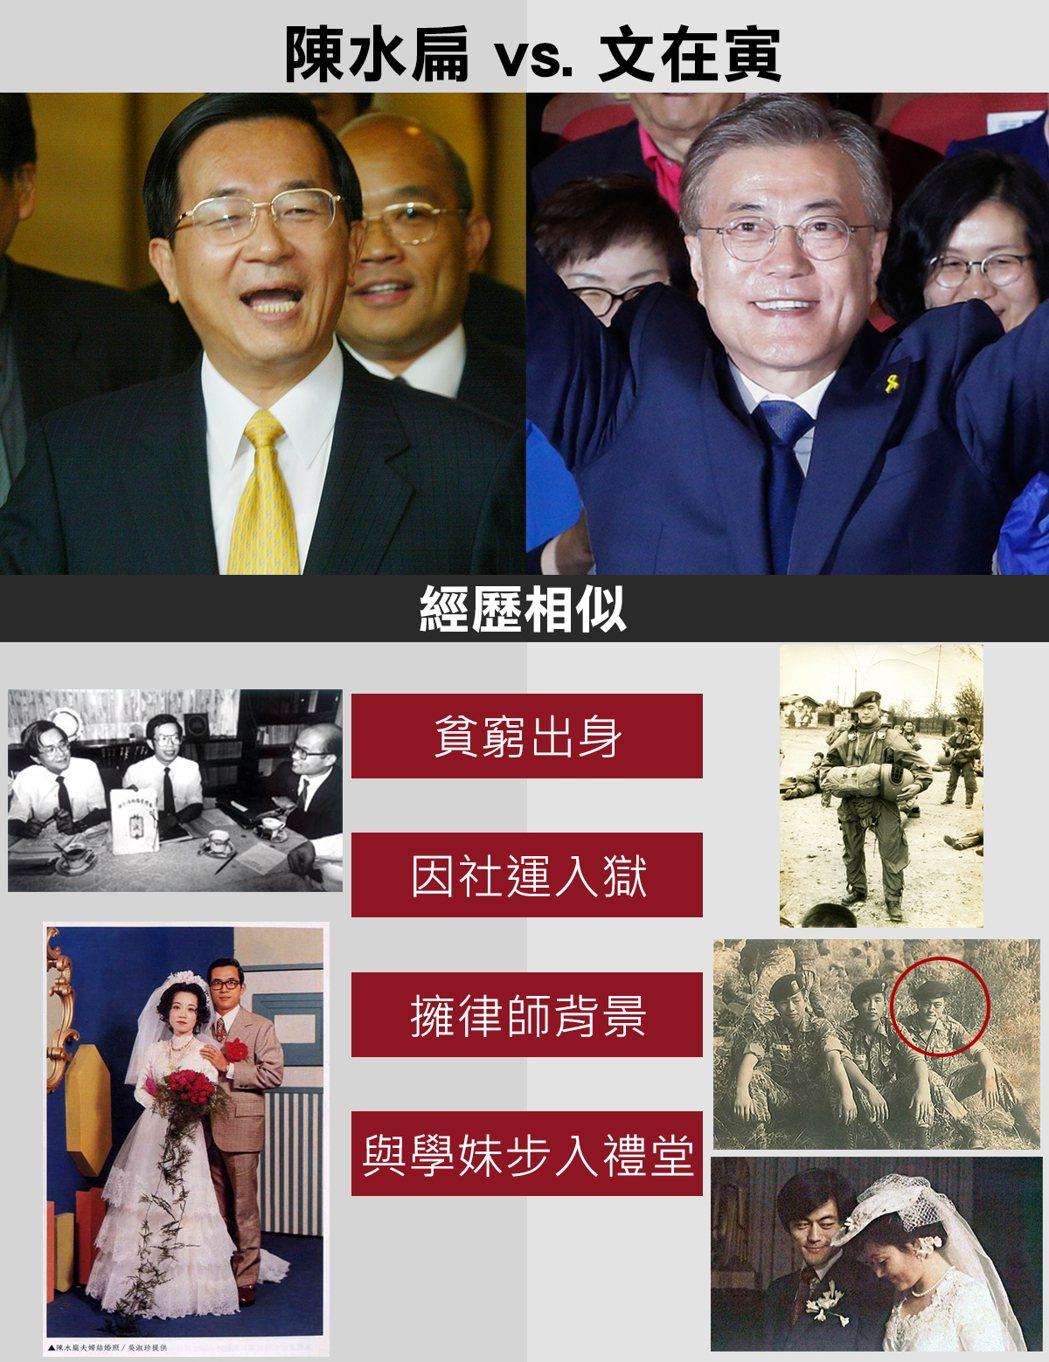 照片來源:新華網、南韓中央日報 /影音中心王志偉製圖